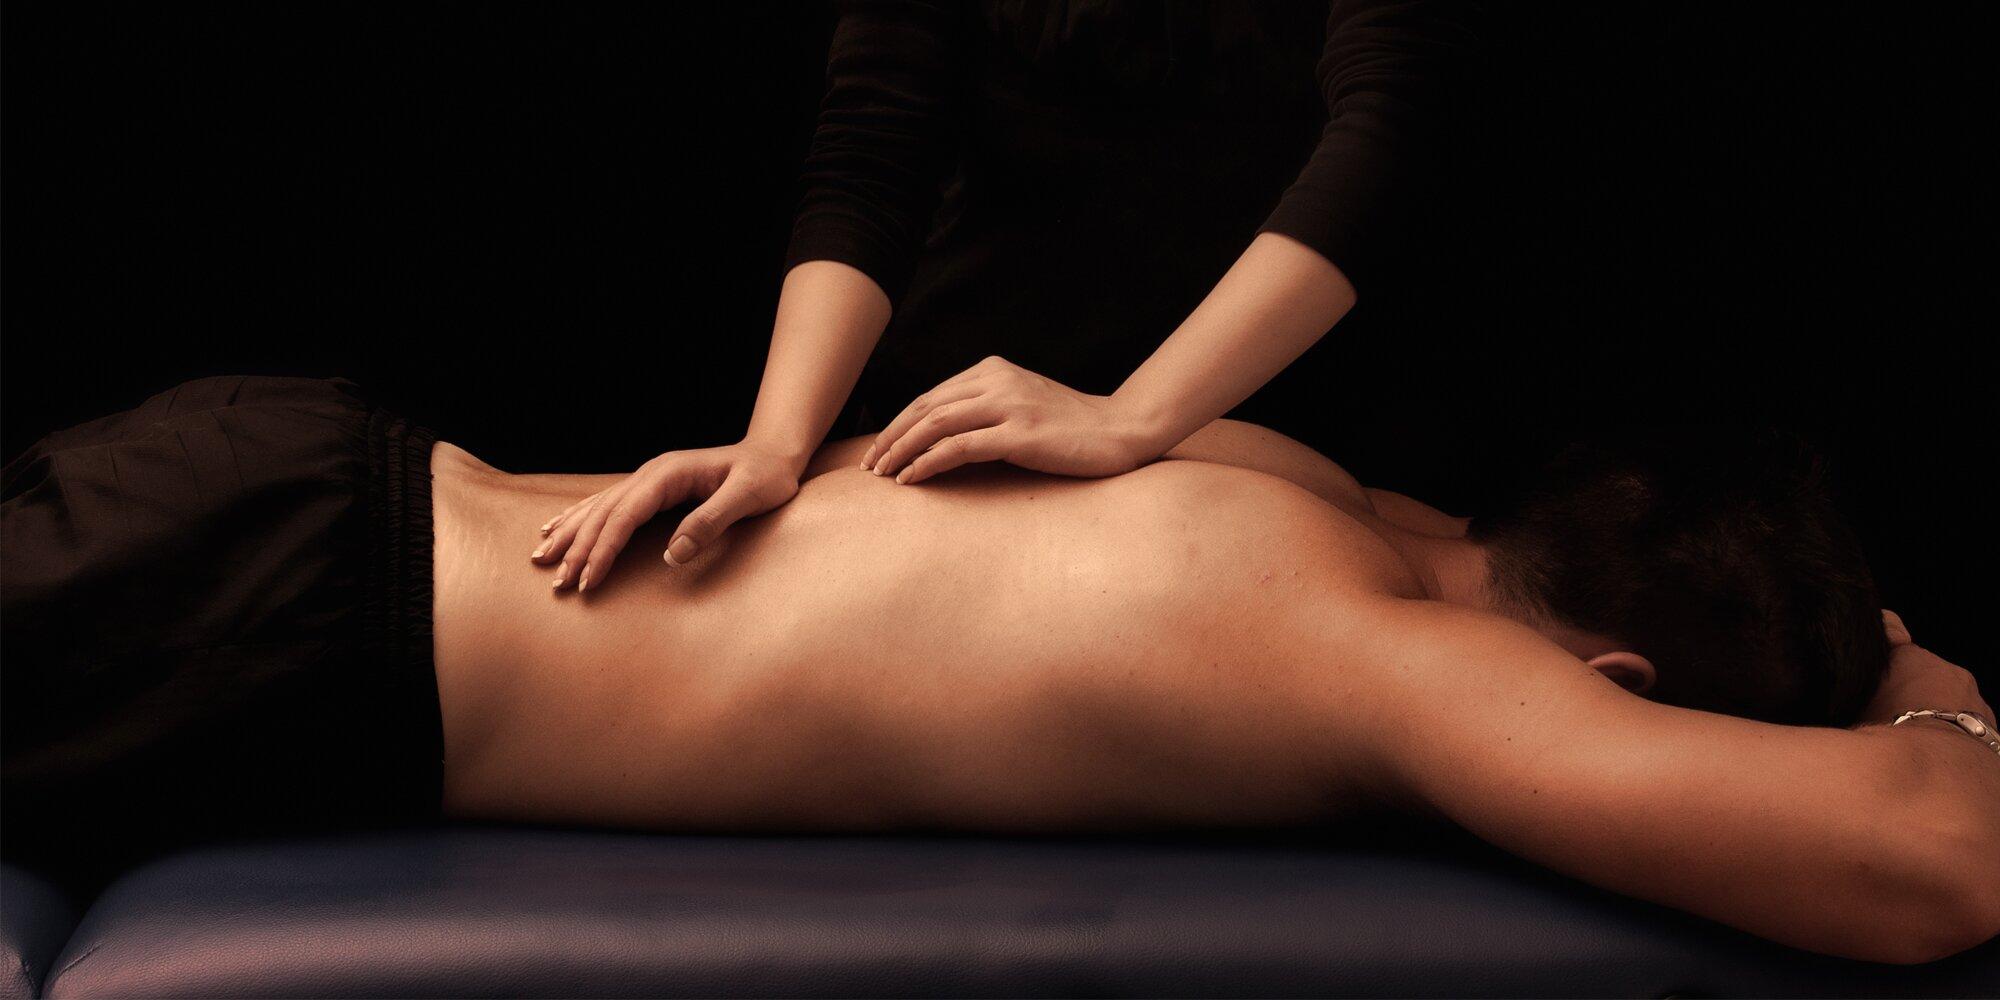 ????????как сделать расслабляющий массаж спины и головы мужчине на дому ????????